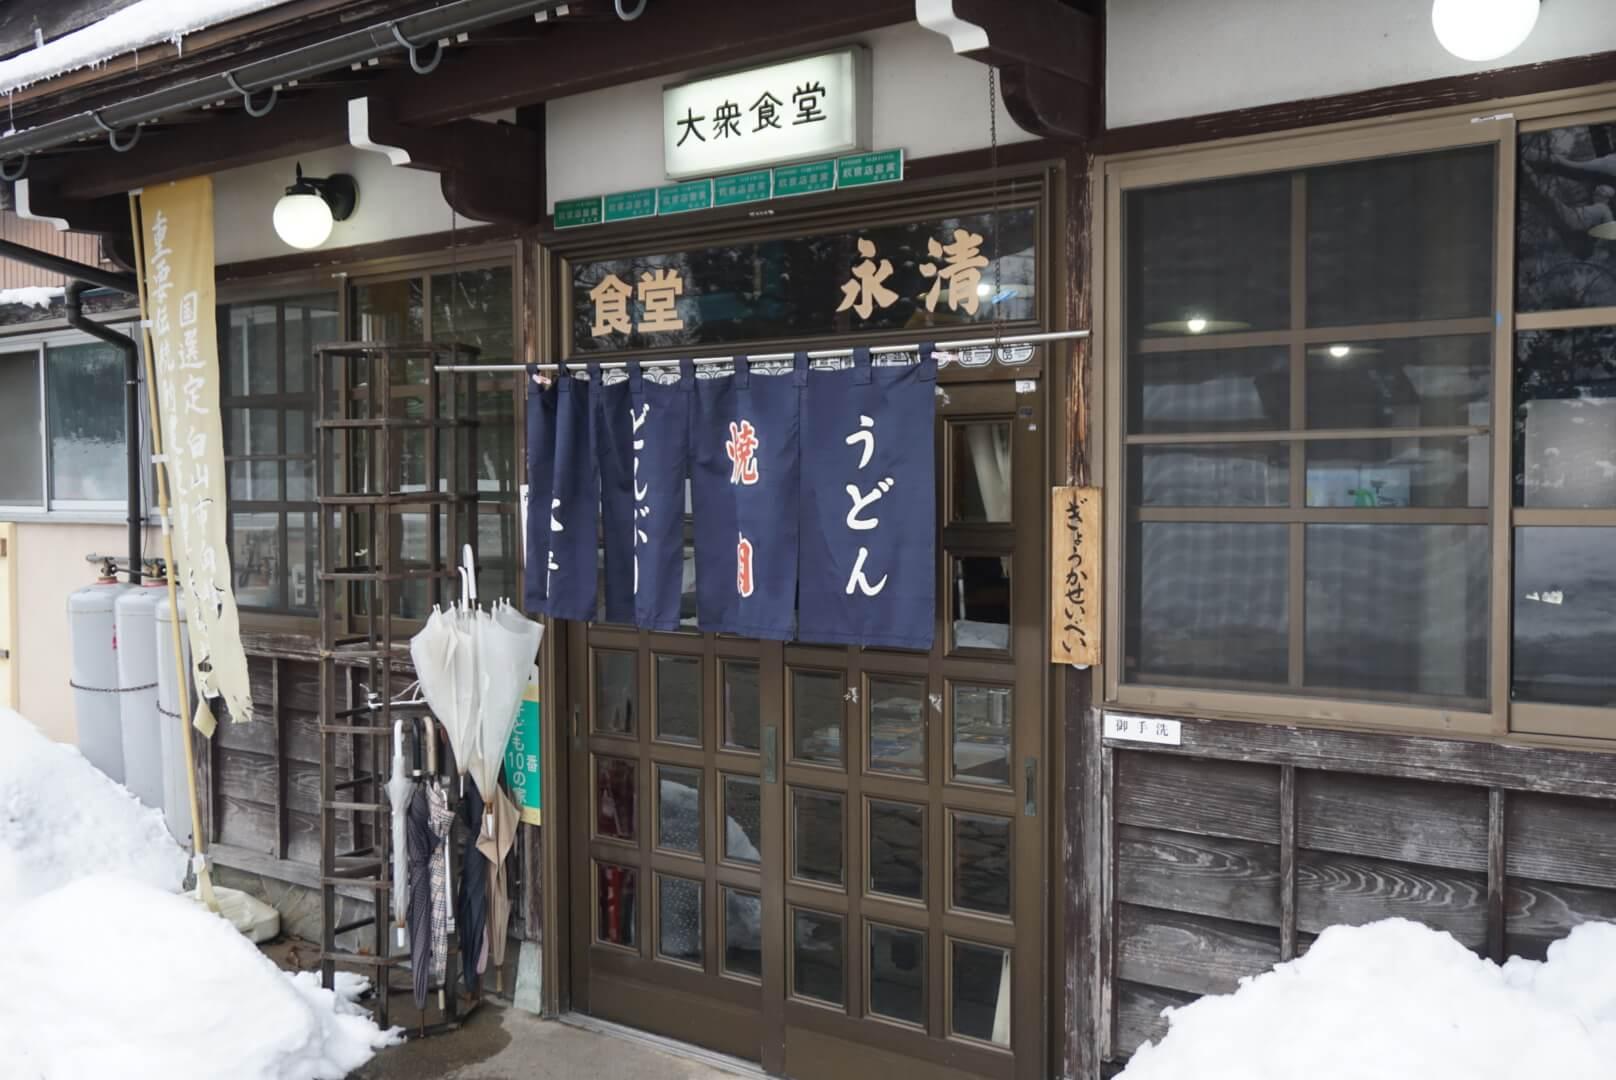 『 食堂 永清 』50年続く白峰でジビエ焼肉を堪能できる隠れた名店